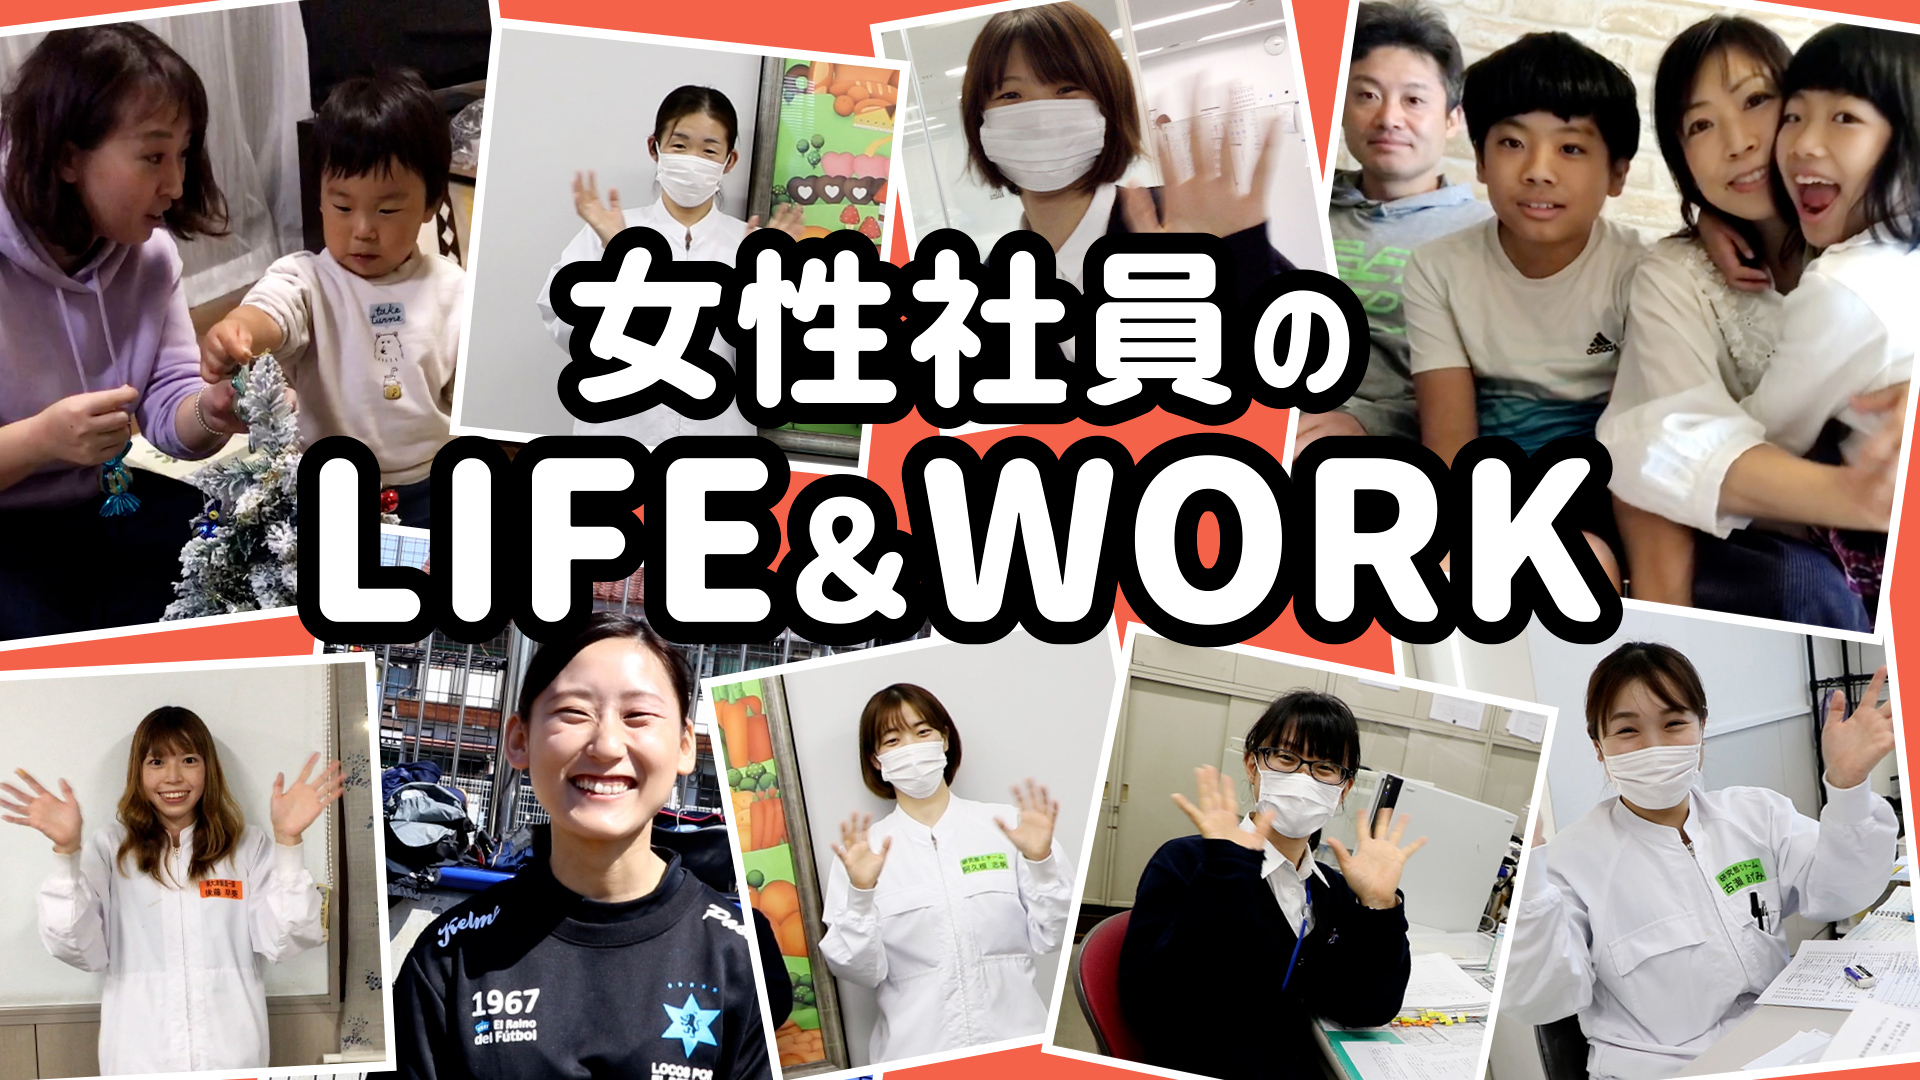 女性社員のLIFE&WORK